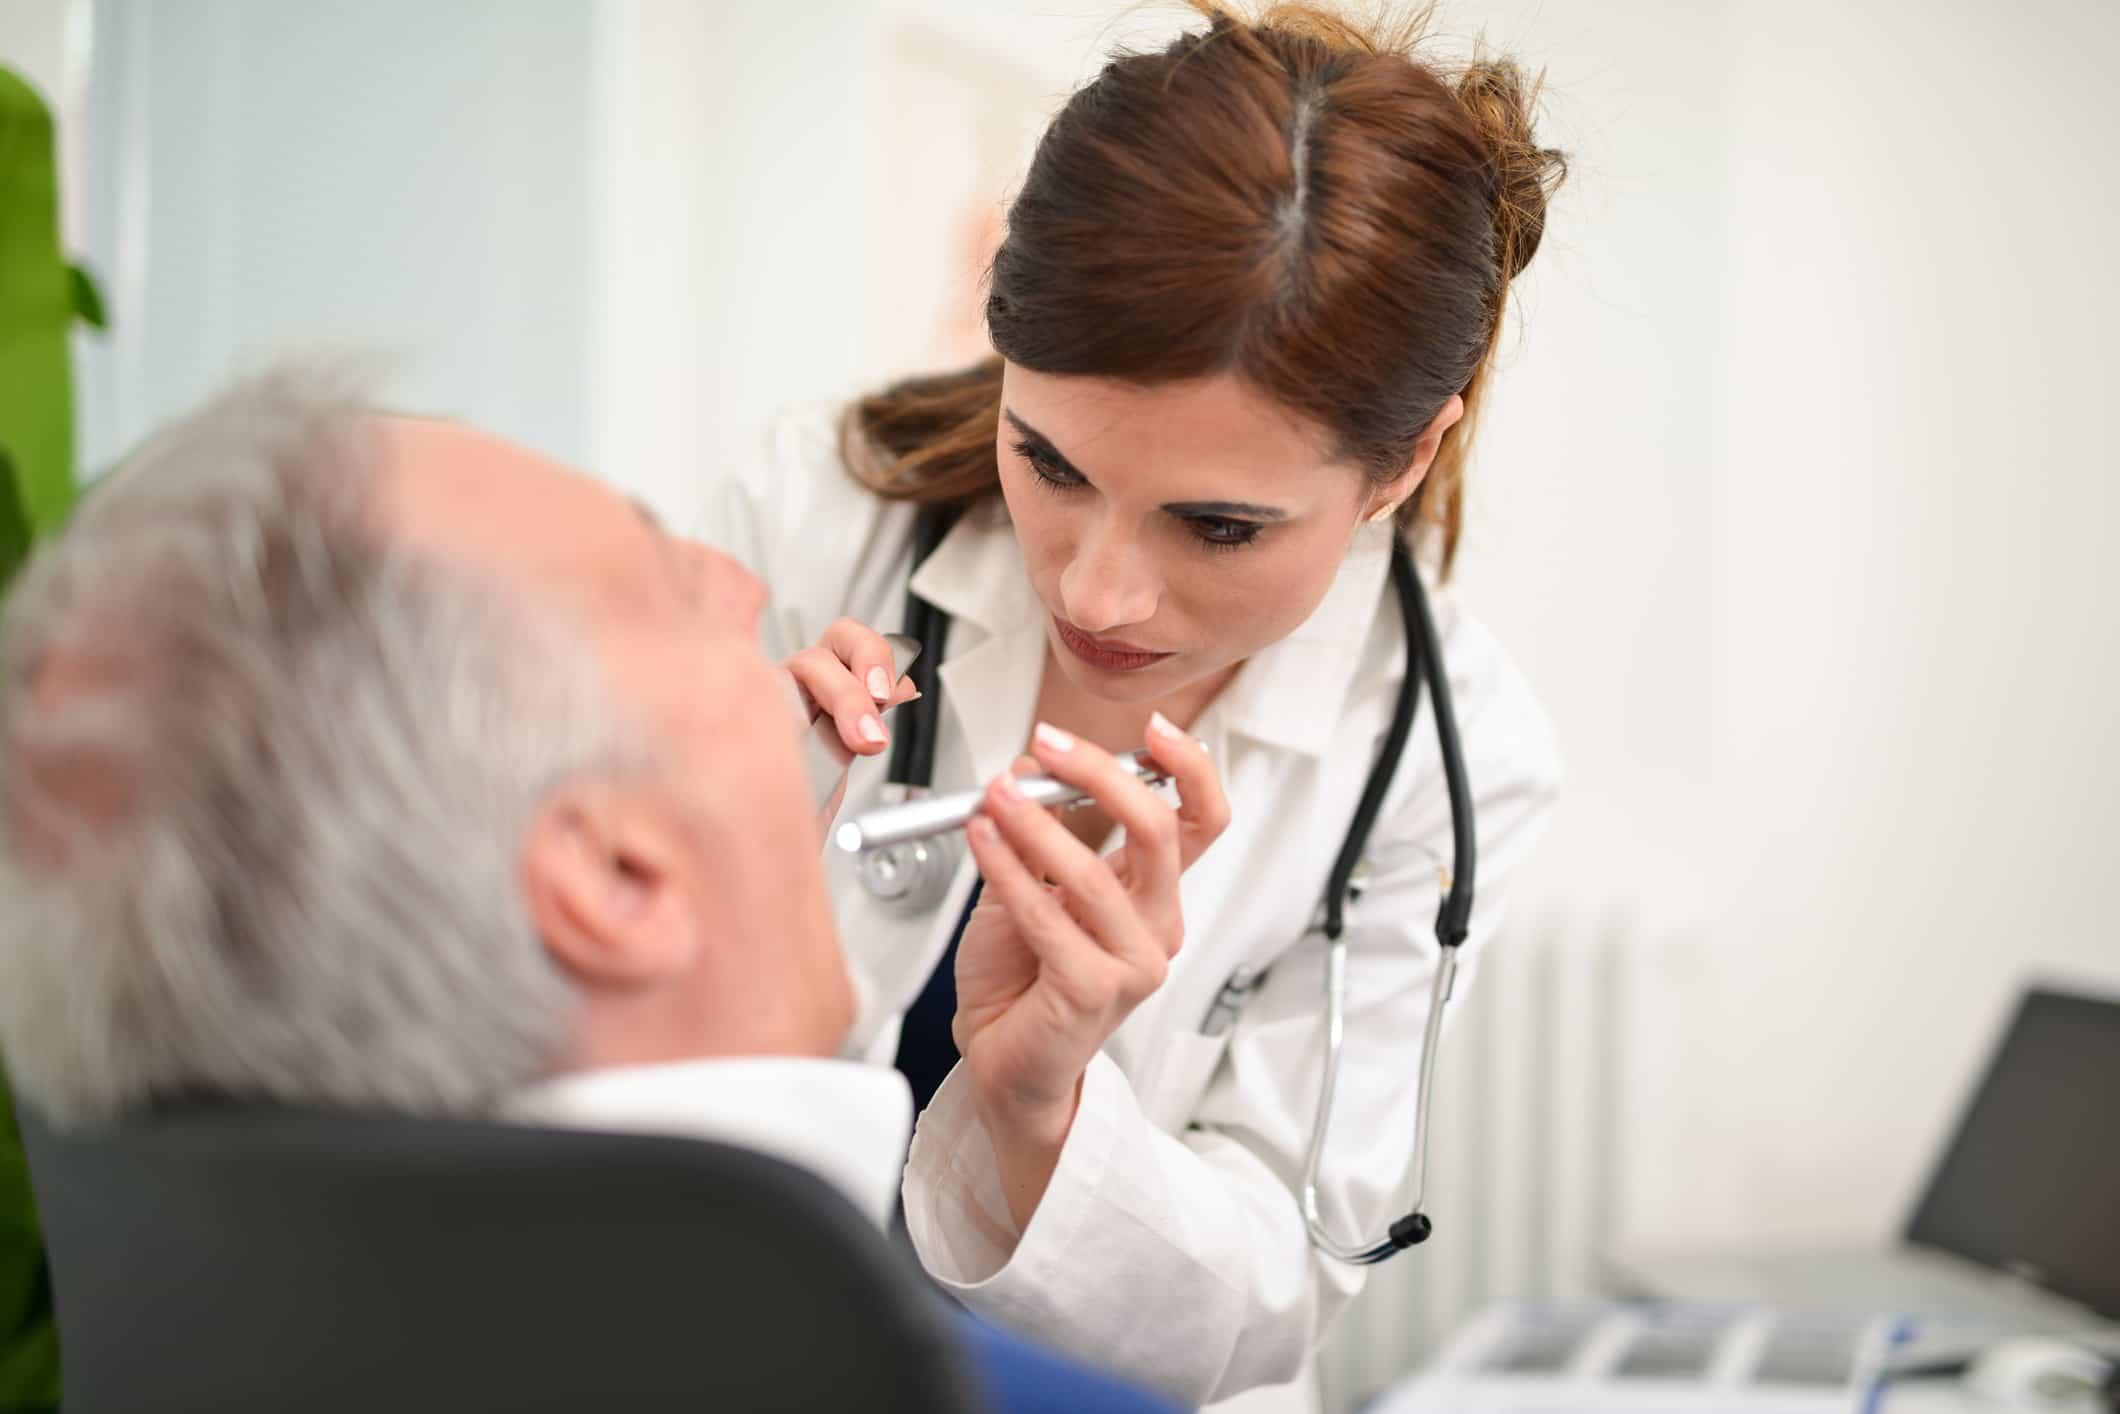 Ärztin untersucht Mund eines Patienten